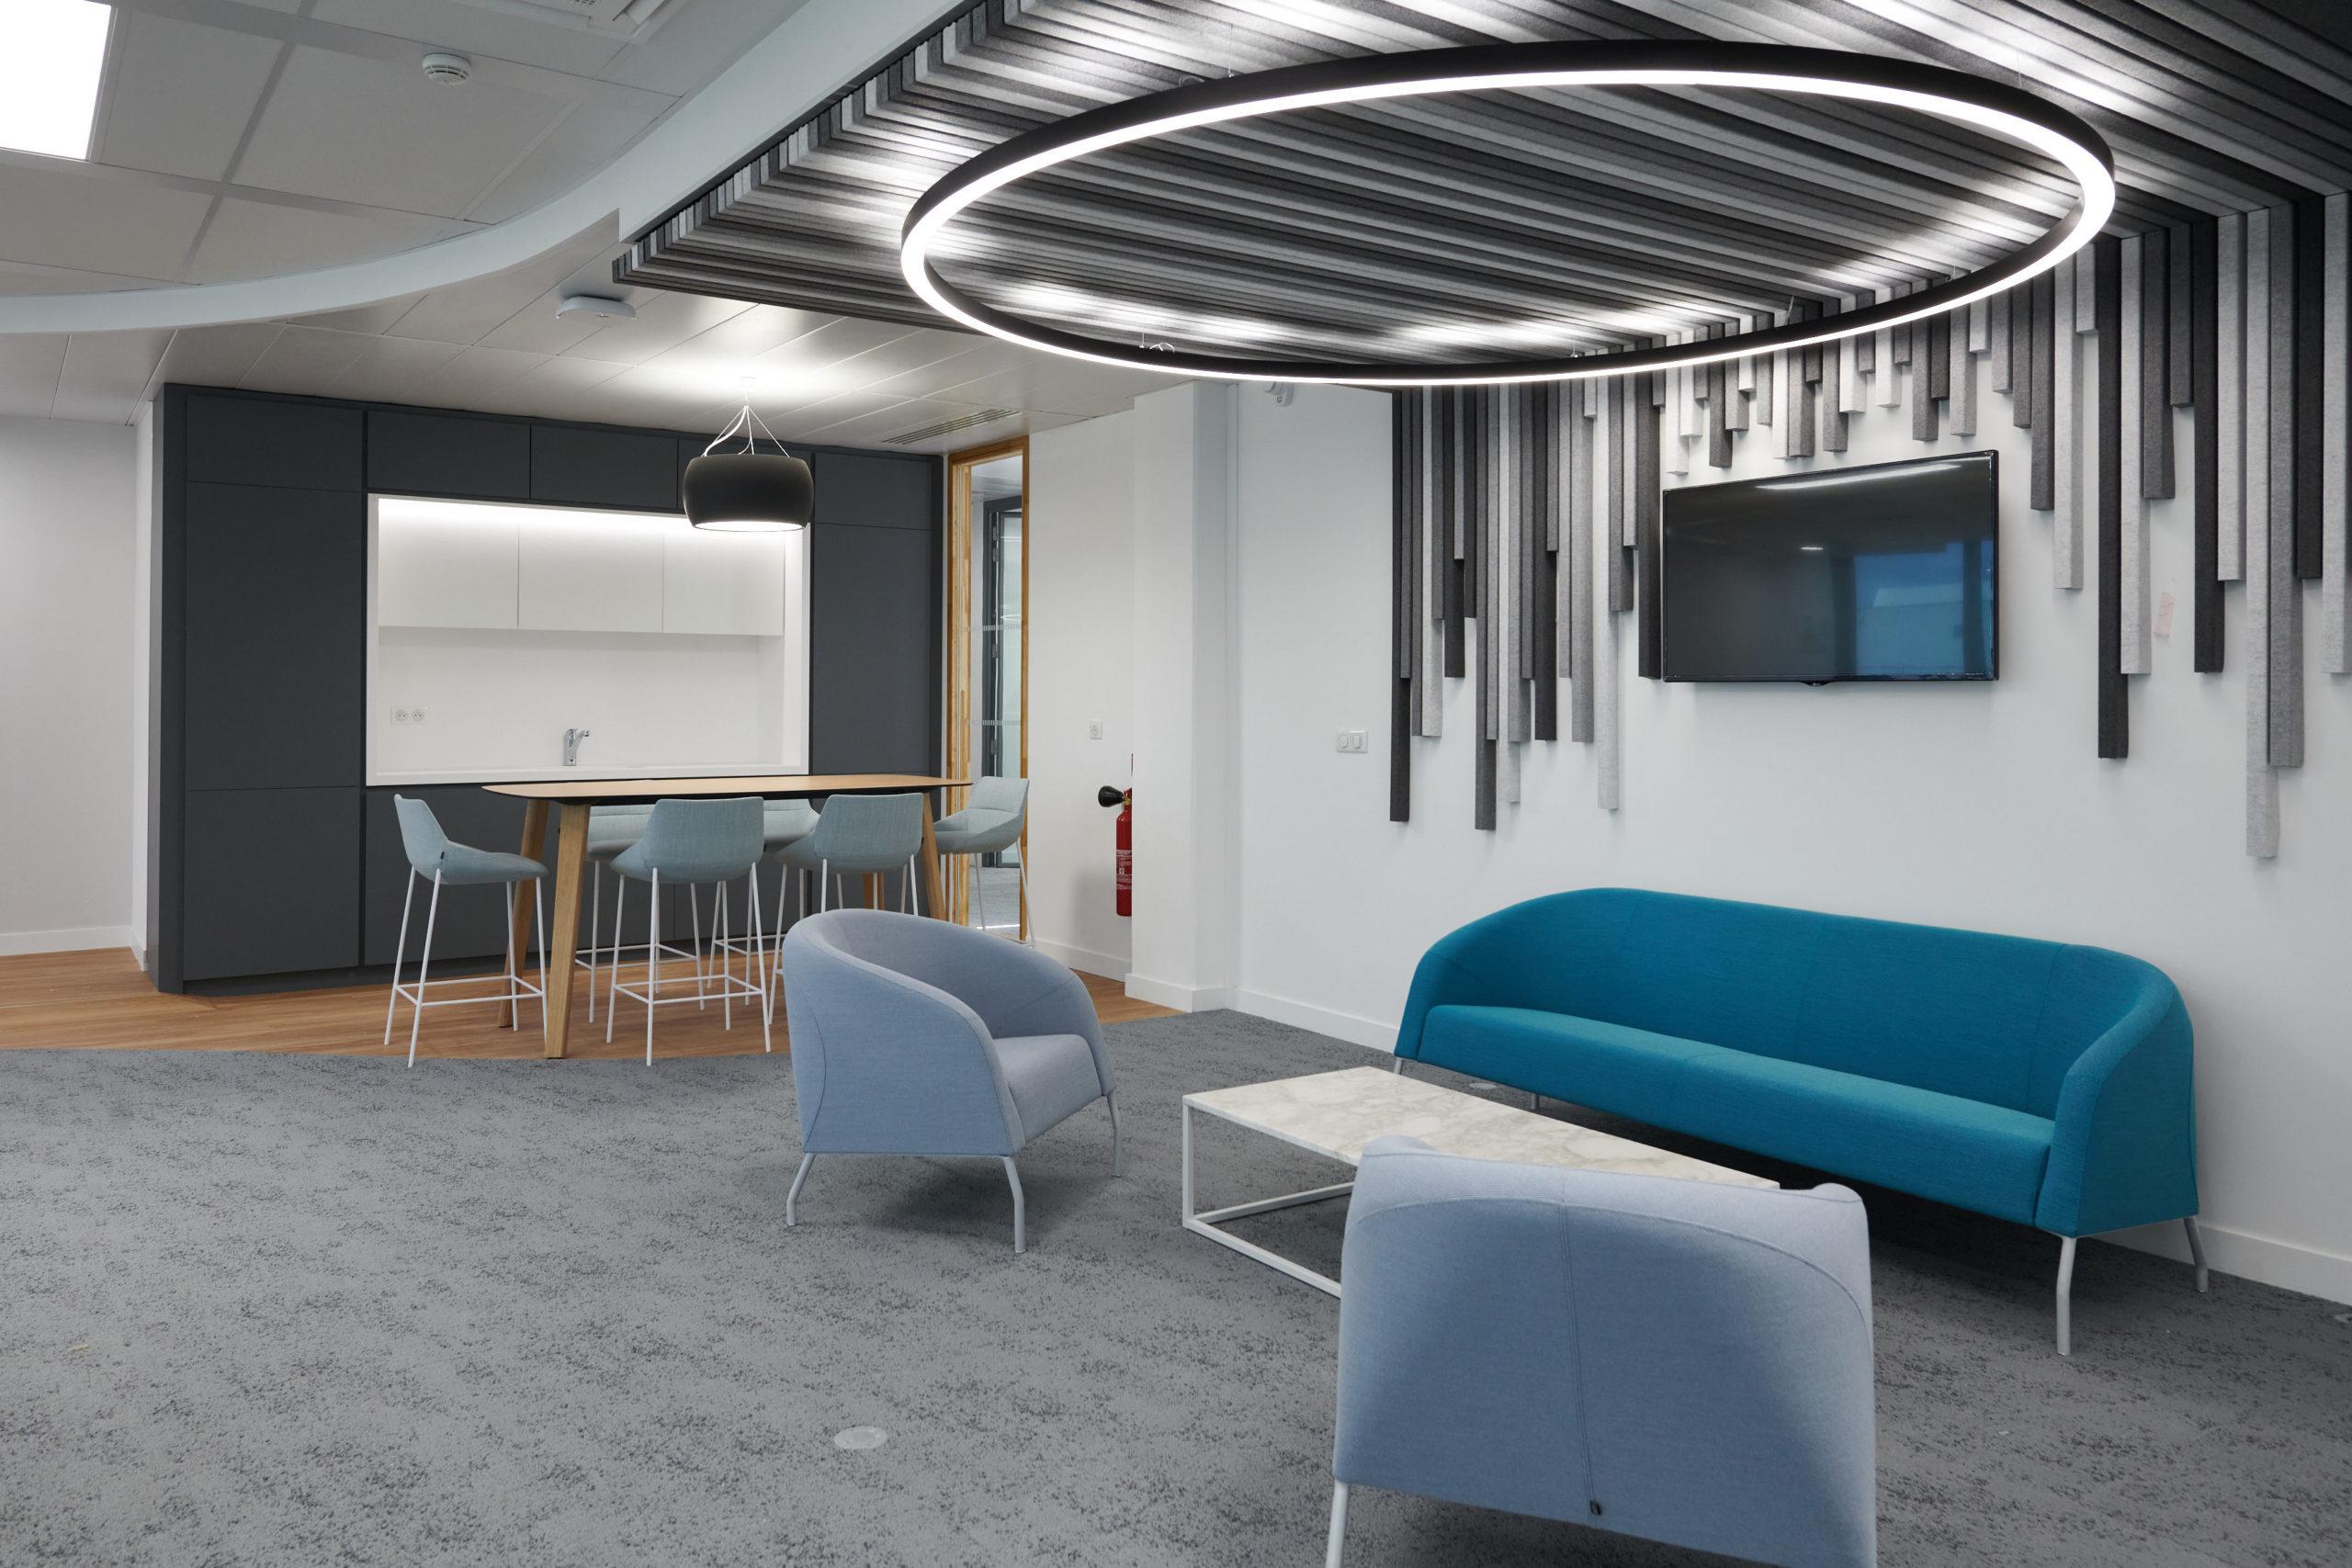 Skema-espace informel-fauteuil confort-table basse